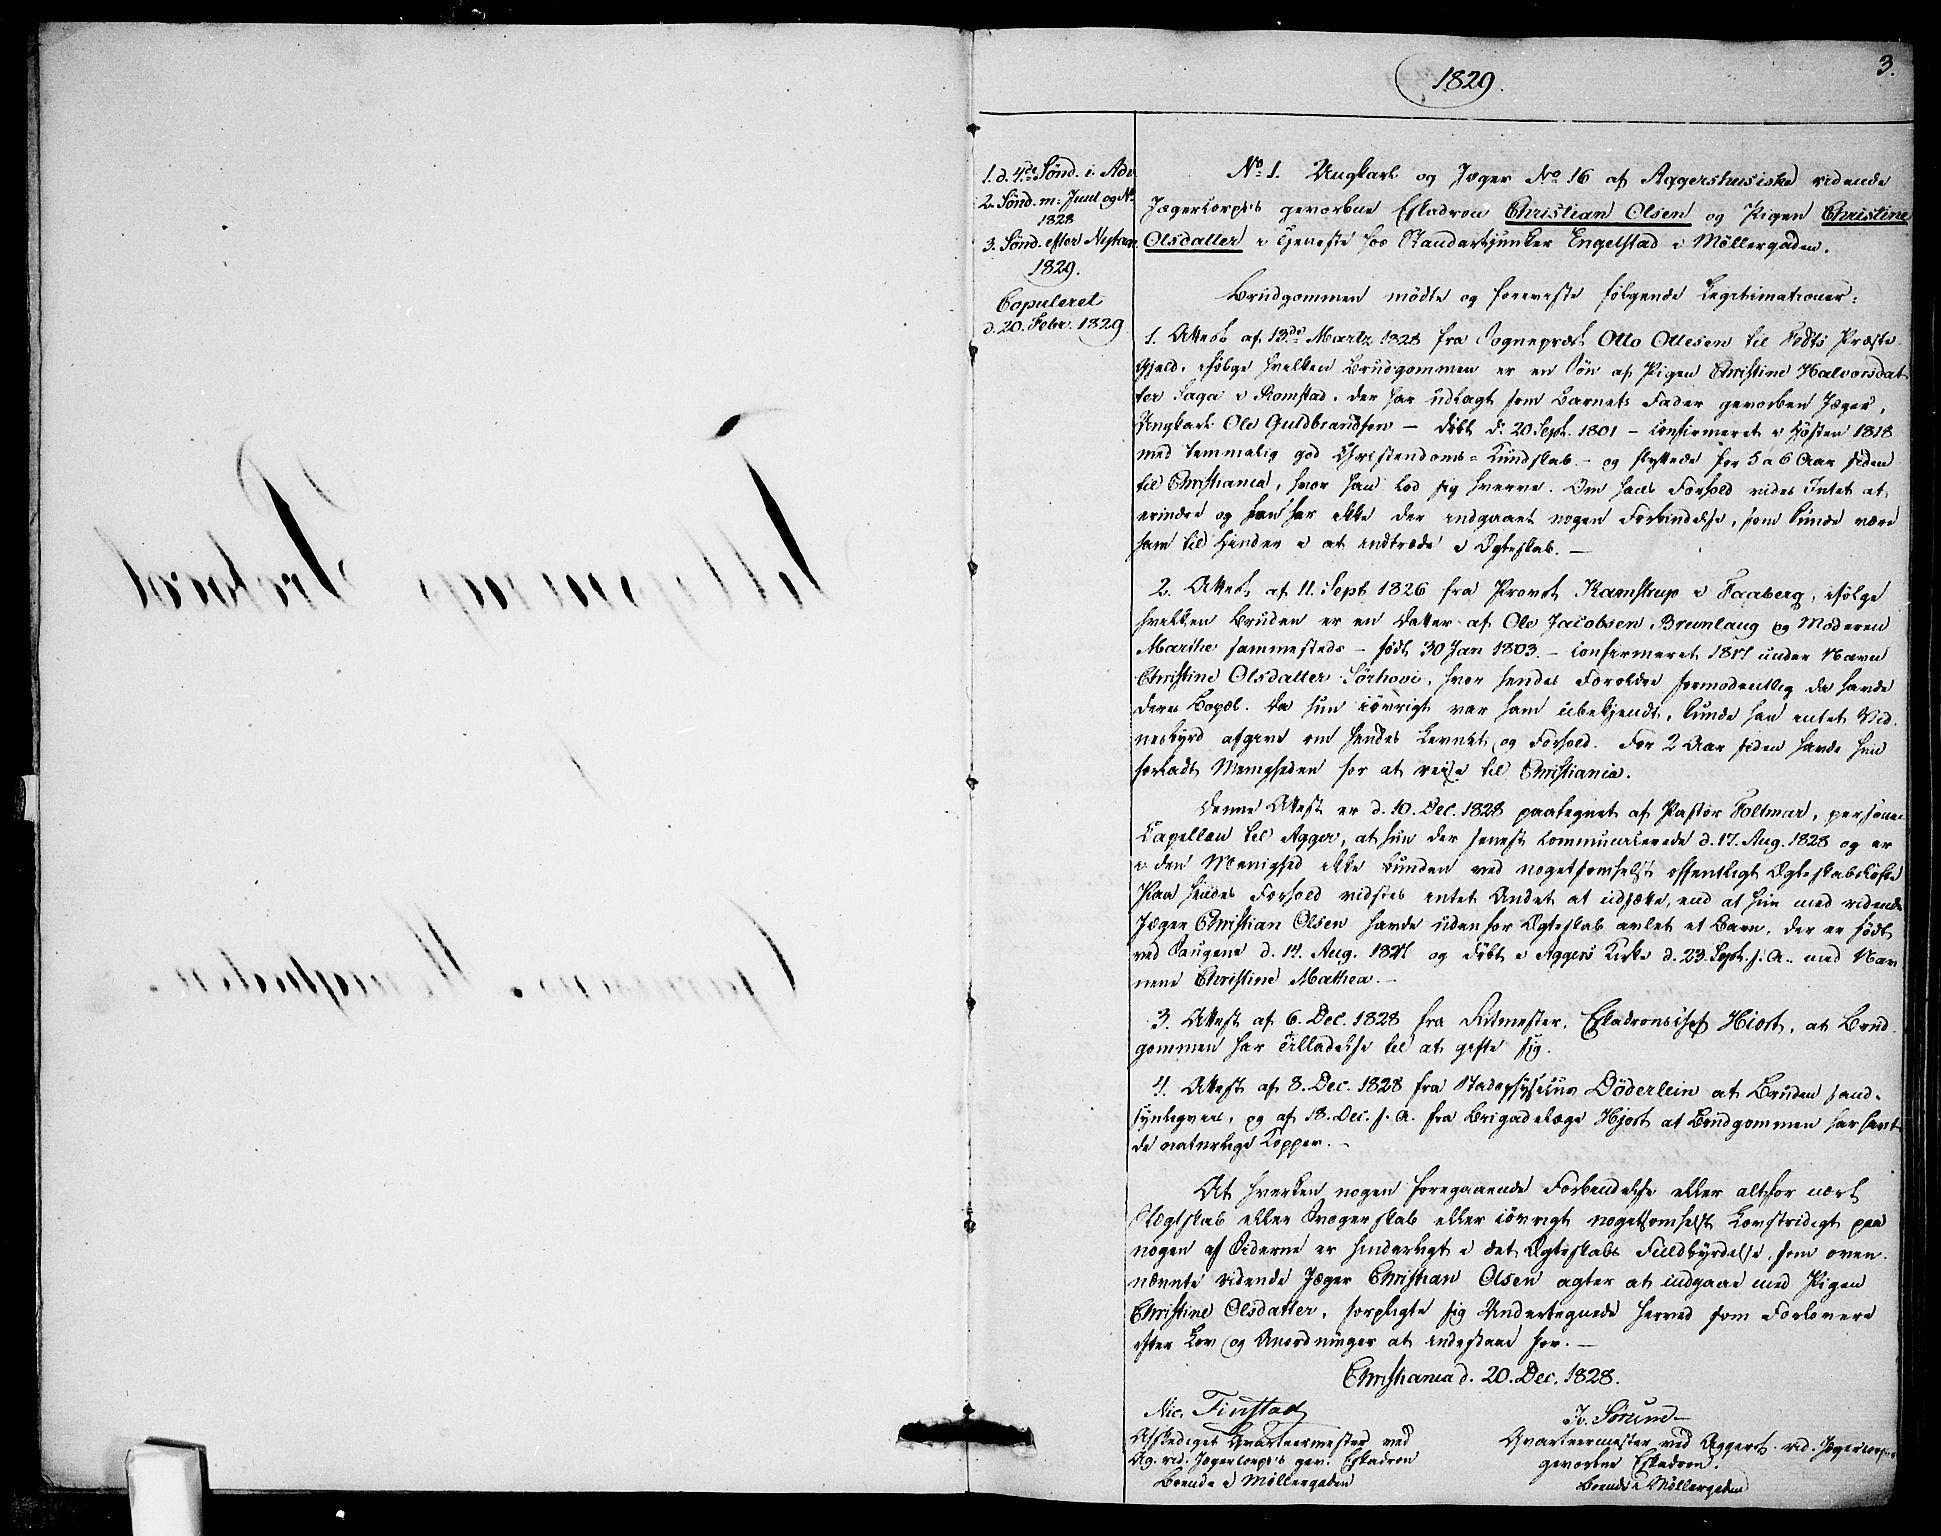 SAO, Garnisonsmenigheten Kirkebøker, H/Ha/L0002: Lysningsprotokoll nr. I 2, 1829-1835, s. 3